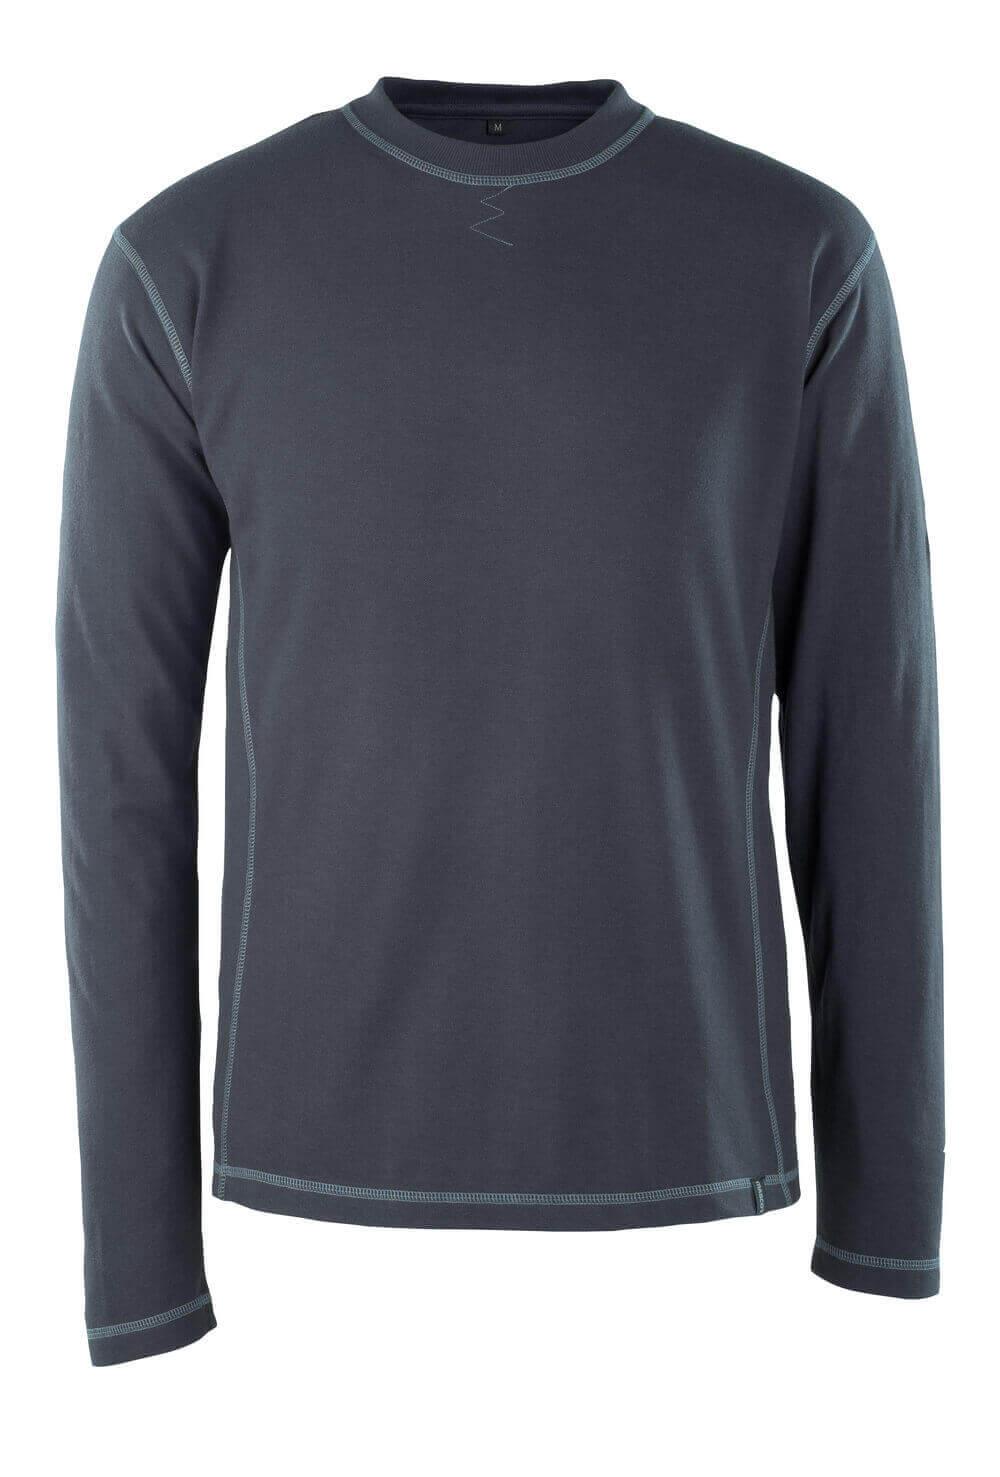 50119-927-010 T-Paita, pitkähihainen - syvä tummansininen